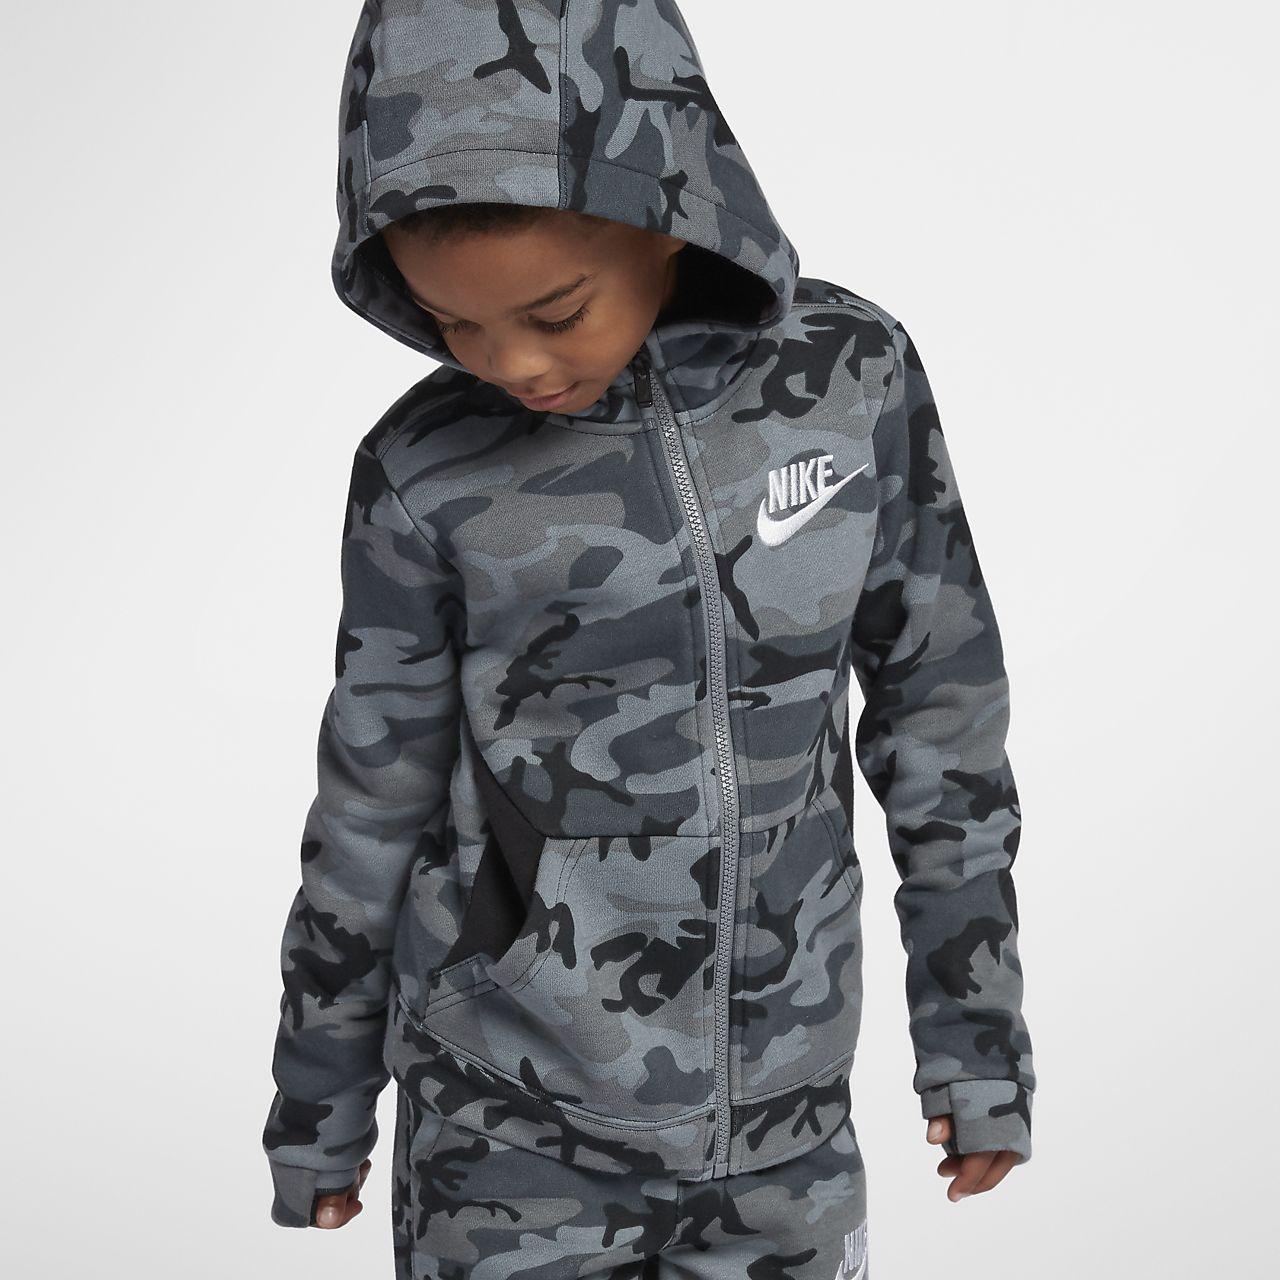 Μπλούζα με κουκούλα Nike Sportswear Club Fleece για μικρά παιδιά